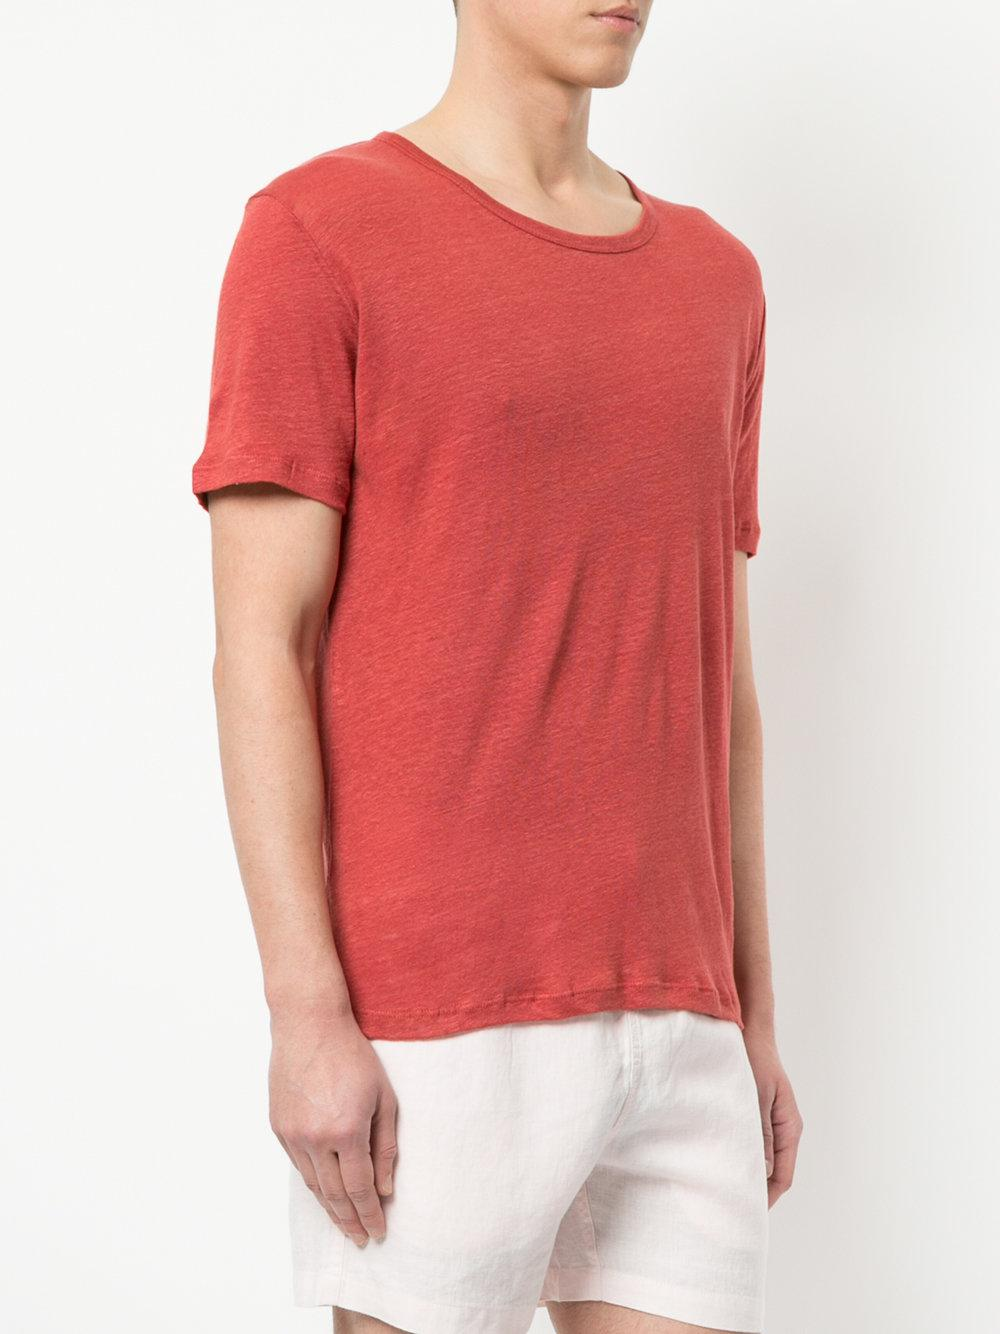 Outlet Locations Online Official Sale Online V-neck T-shirt - Red Venroy eOt4VaxT